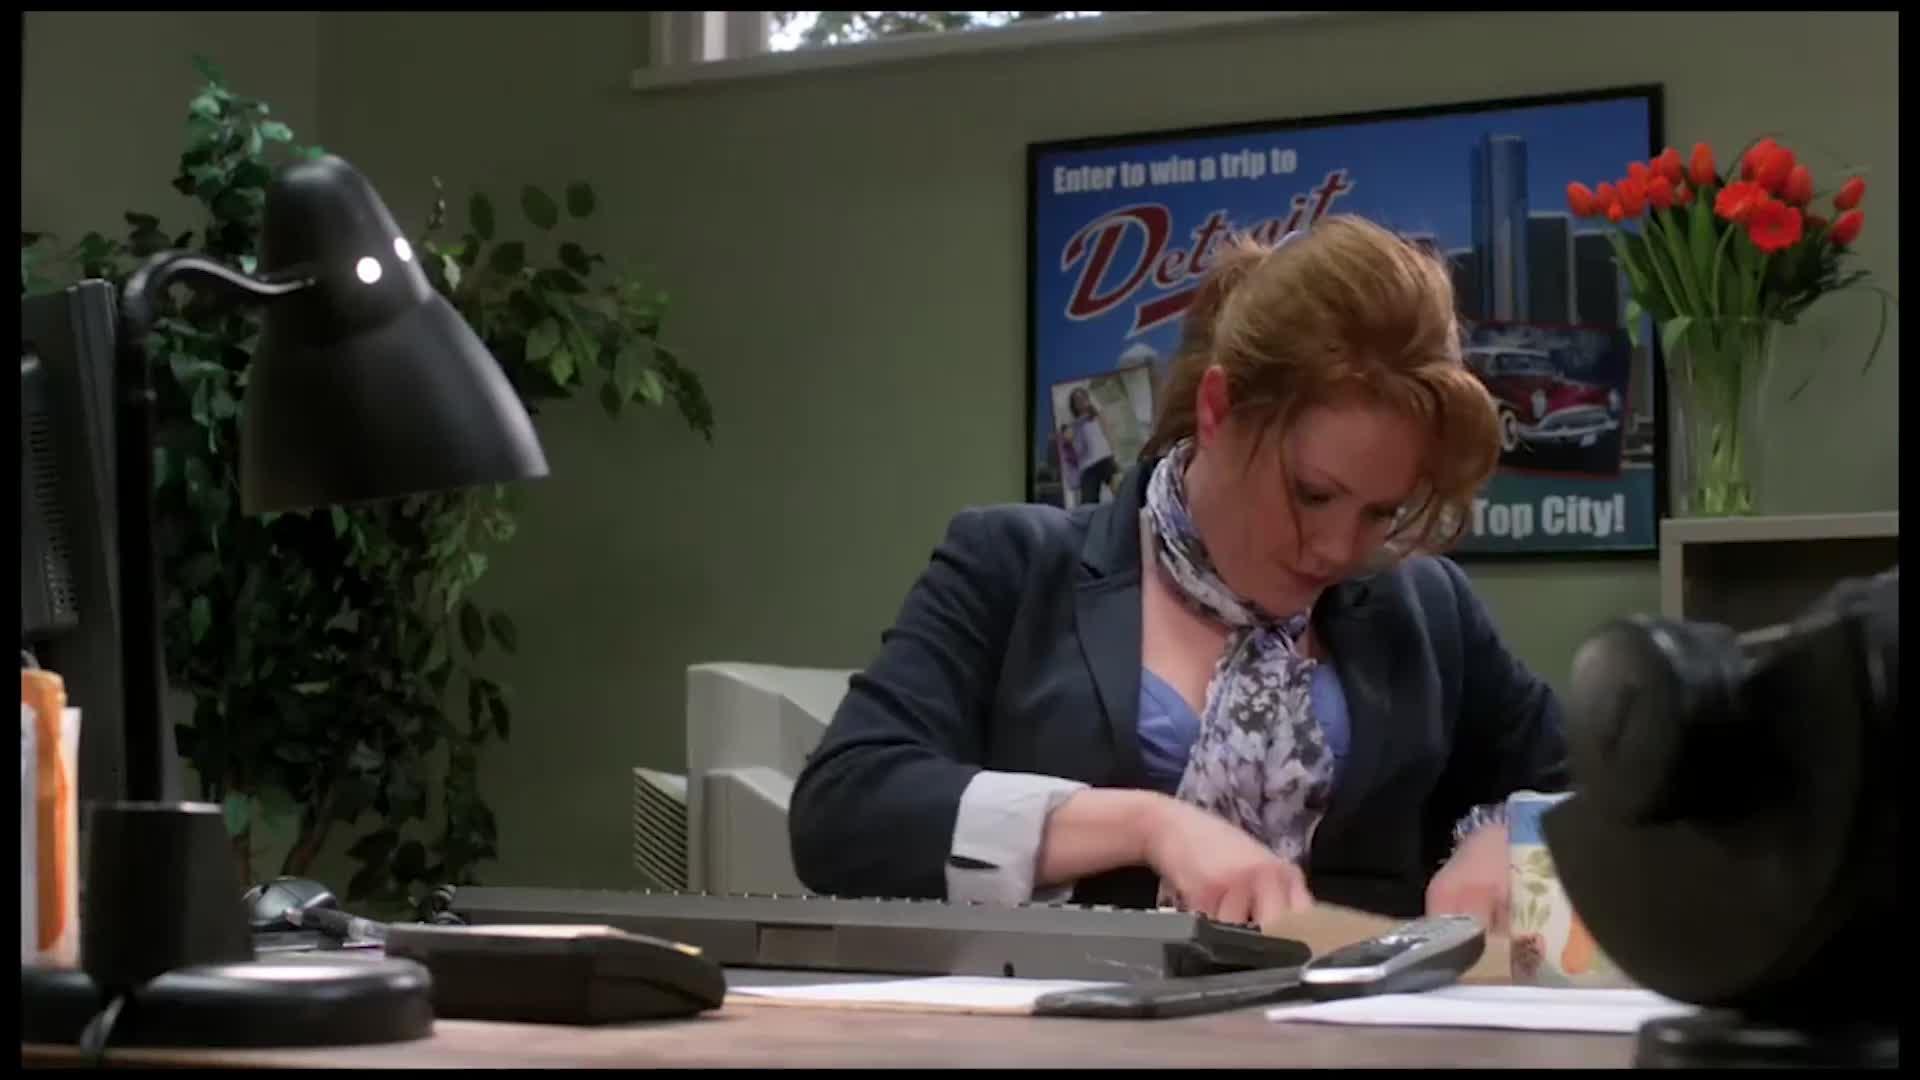 女子在办公室做了这样一件事,结果被勒死,太可惜了